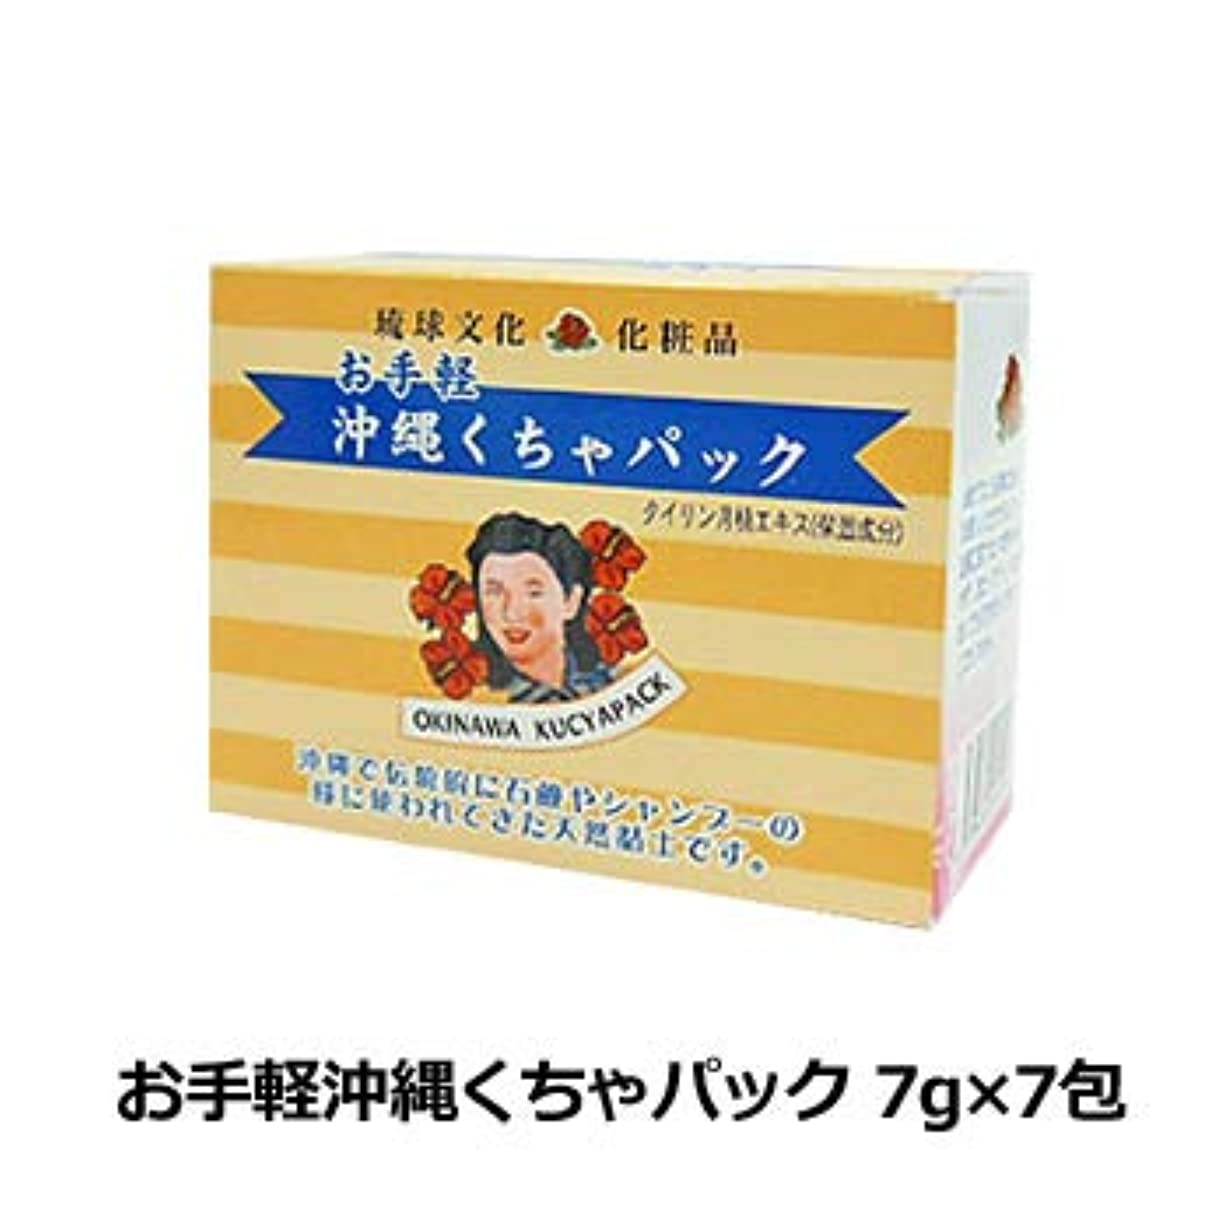 ローン評価可能調停者お手軽沖縄くちゃパック 7g×7包